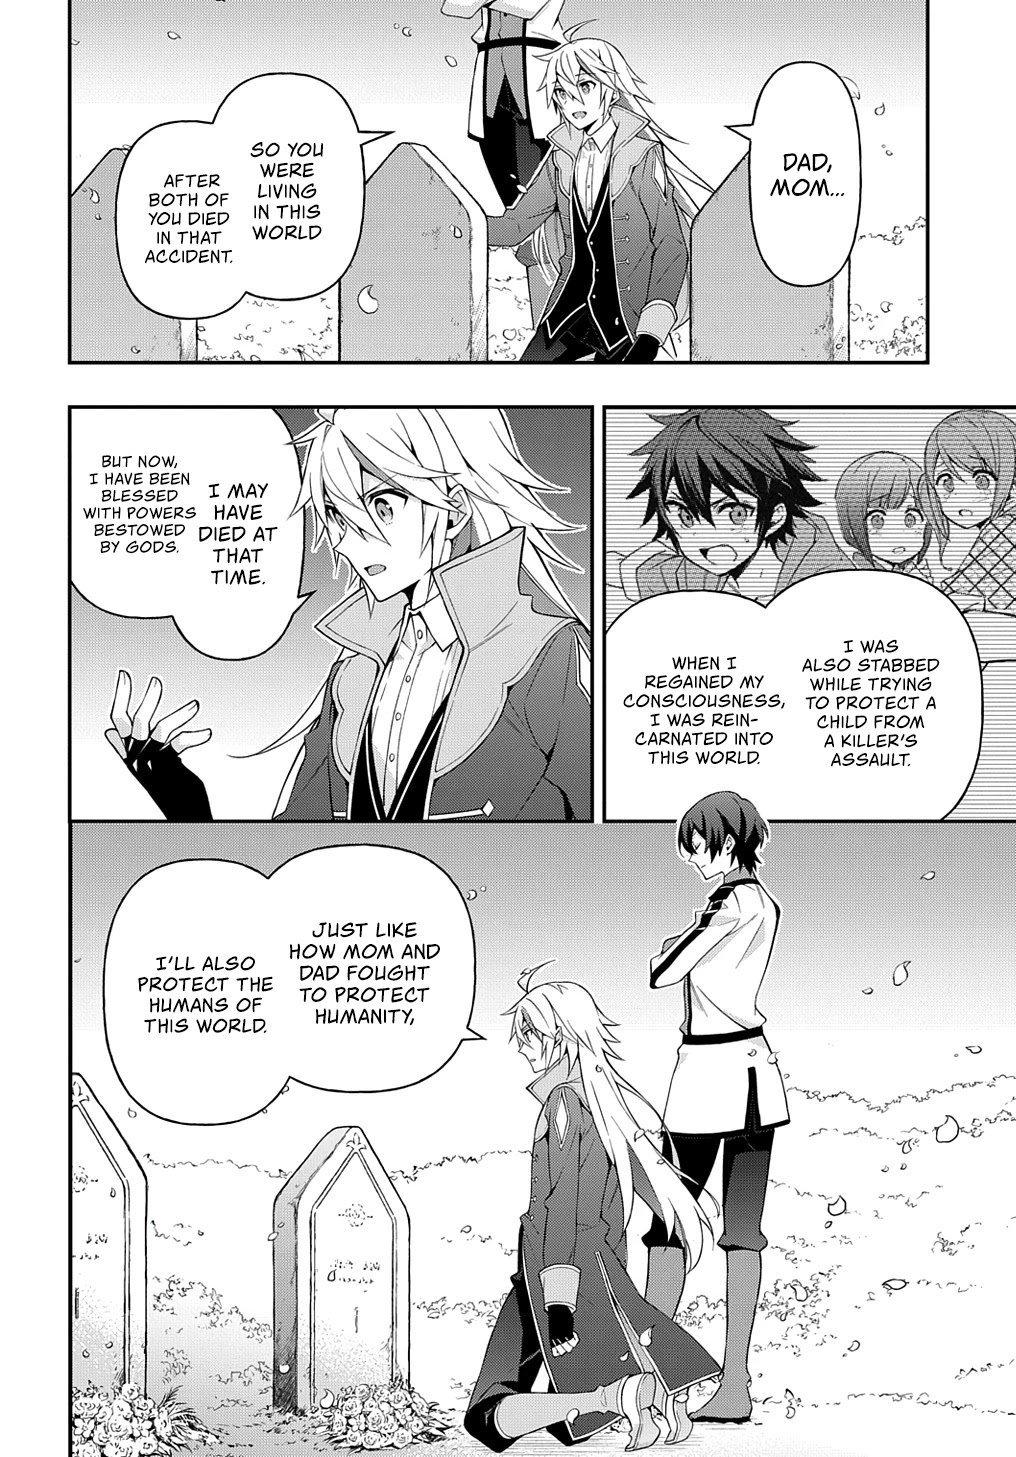 Manga Tensei Kizoku no Isekai Boukenroku ~Jichou wo Shiranai Kamigami no Shito~ - Chapter 26 Page 23